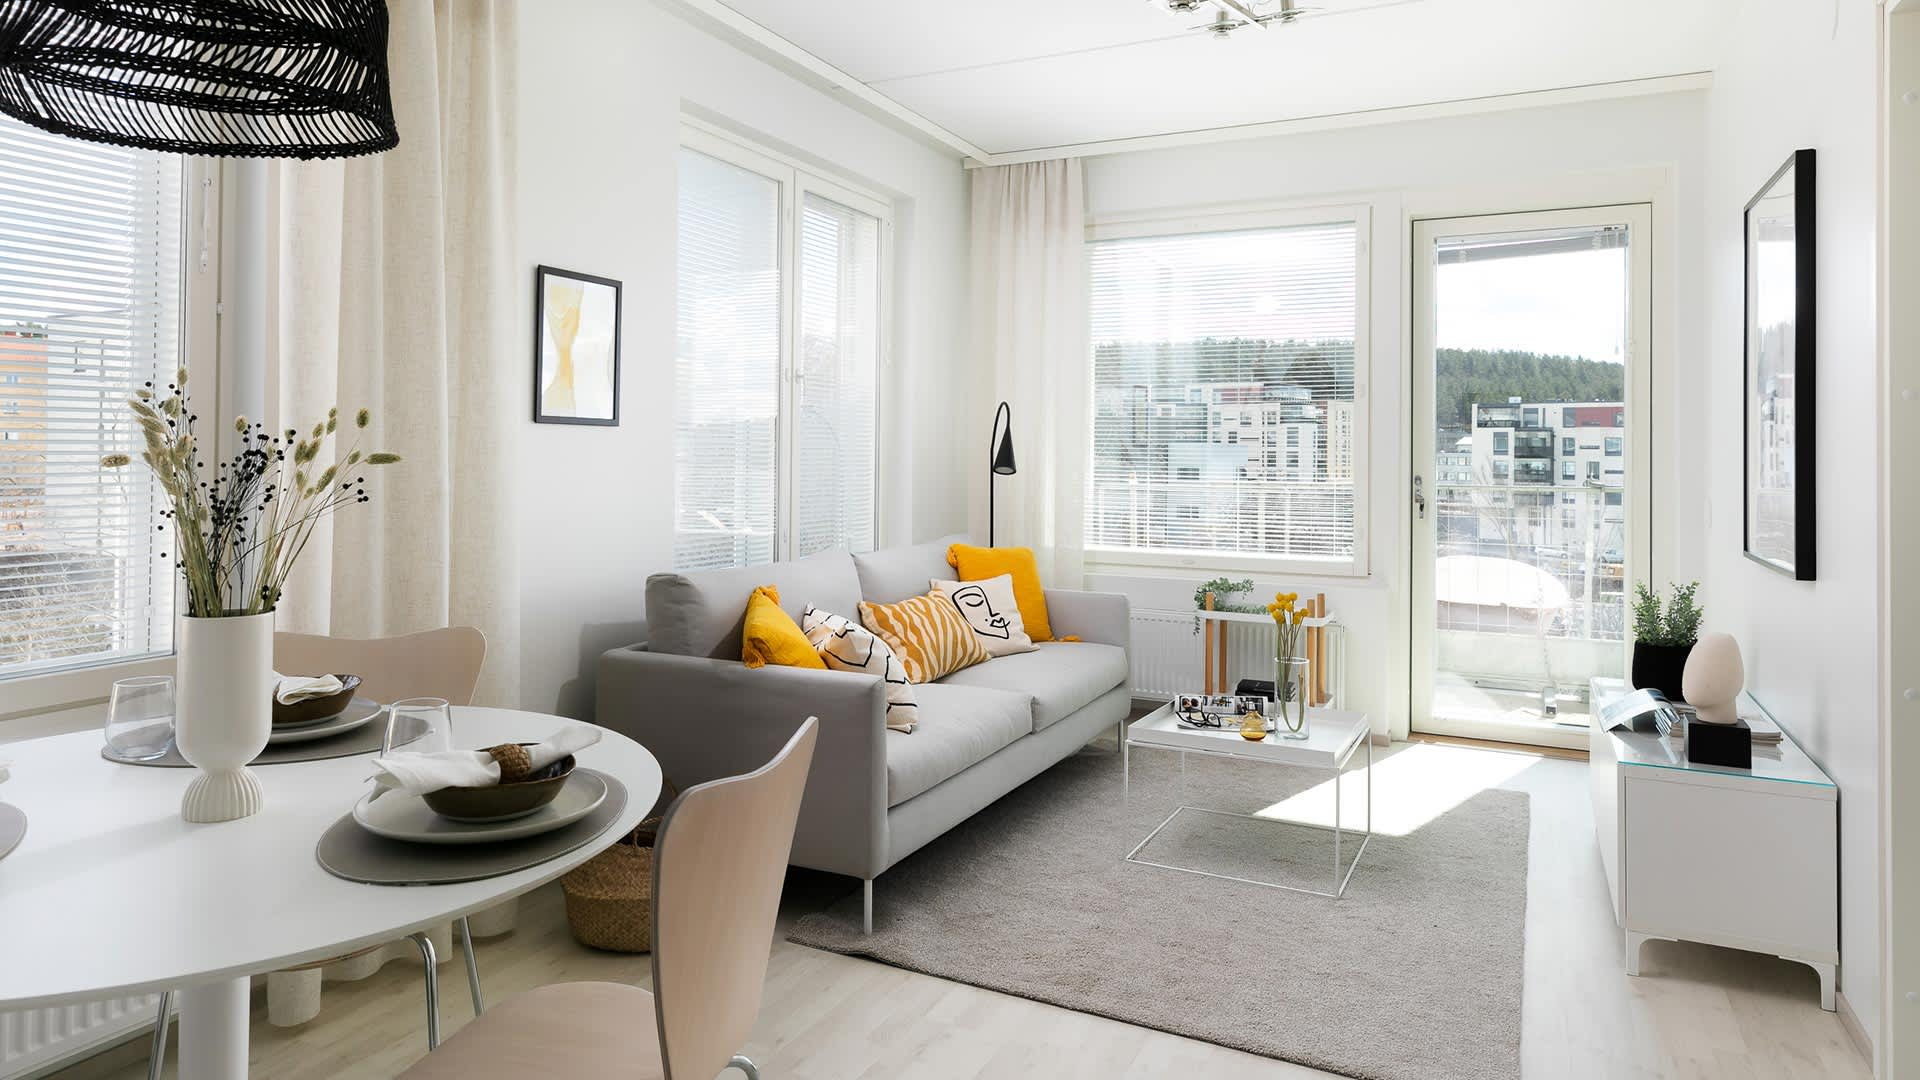 Myytävät asunnot Lohja - Lohjan Rinkeli - YIT